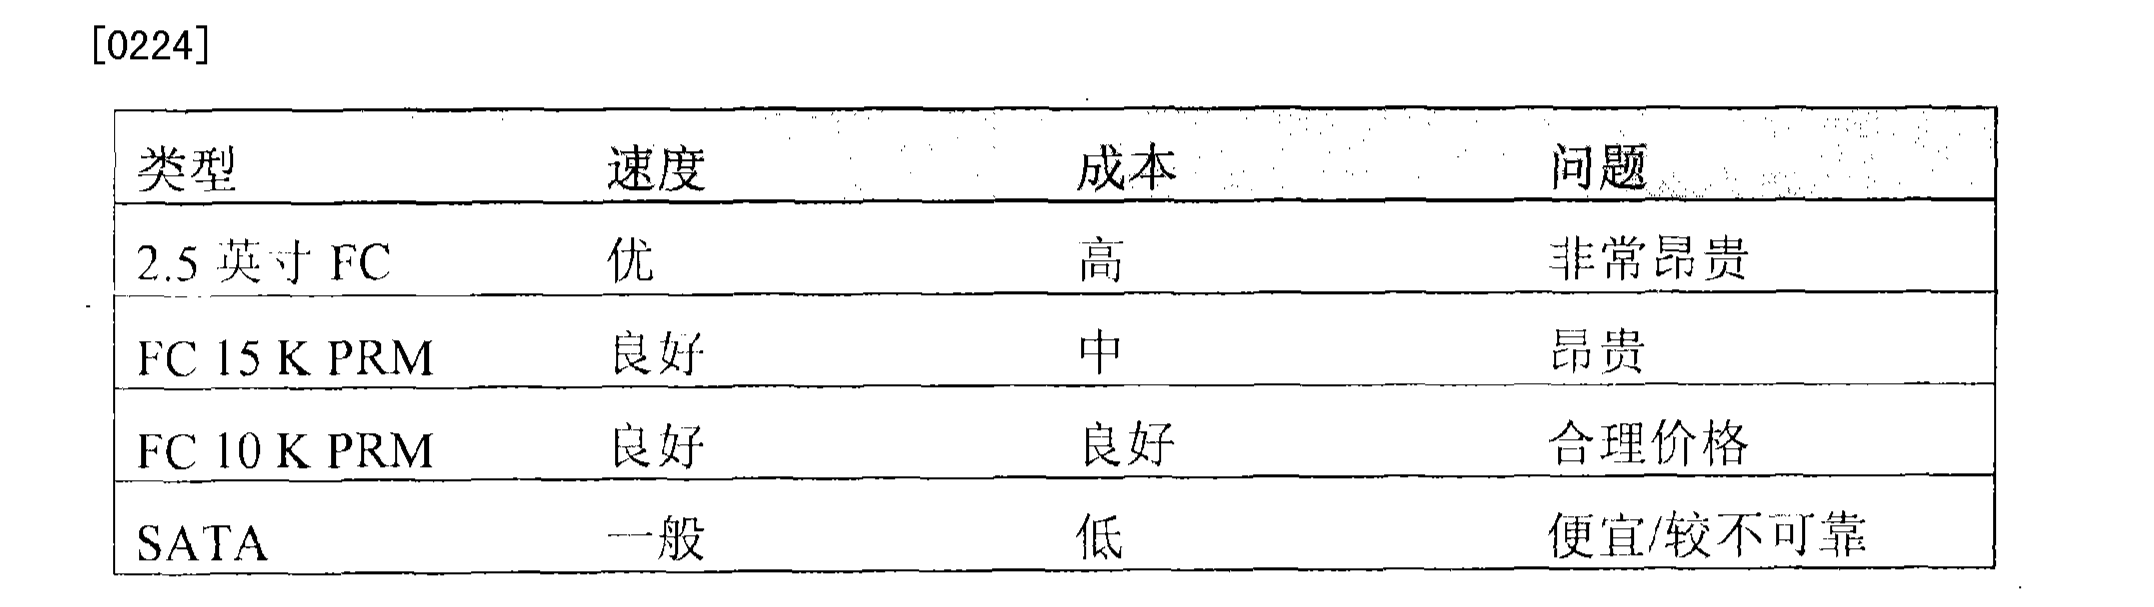 Figure CN101566931BD00192